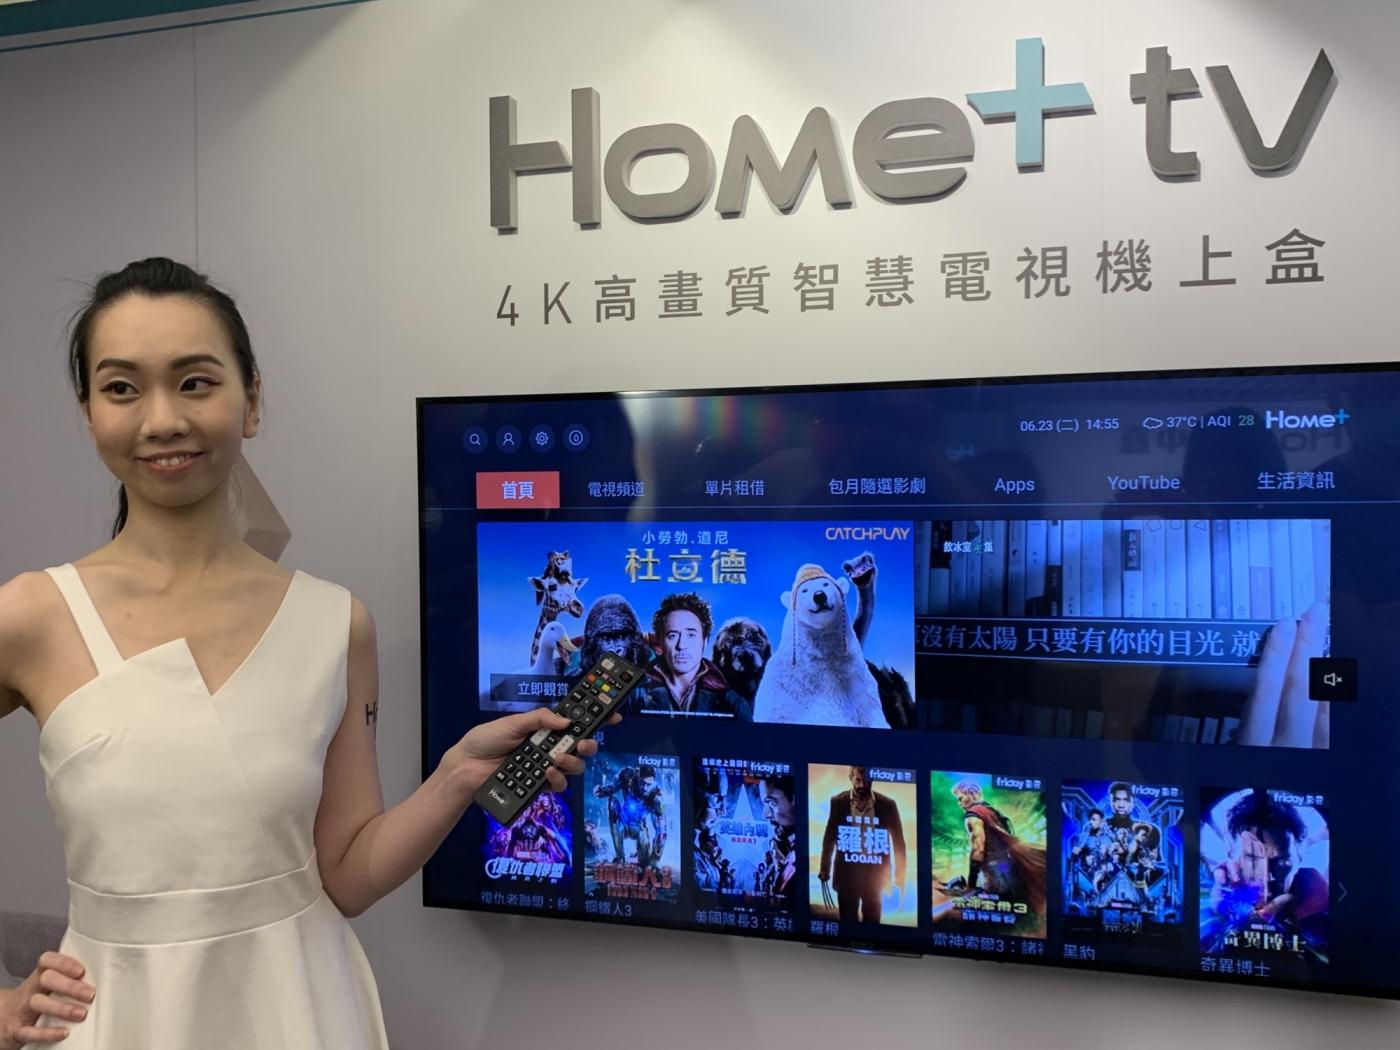 頂替bb寬頻、中嘉全新品牌「Home+」上路!董事長:5G走入家庭一定要靠我們